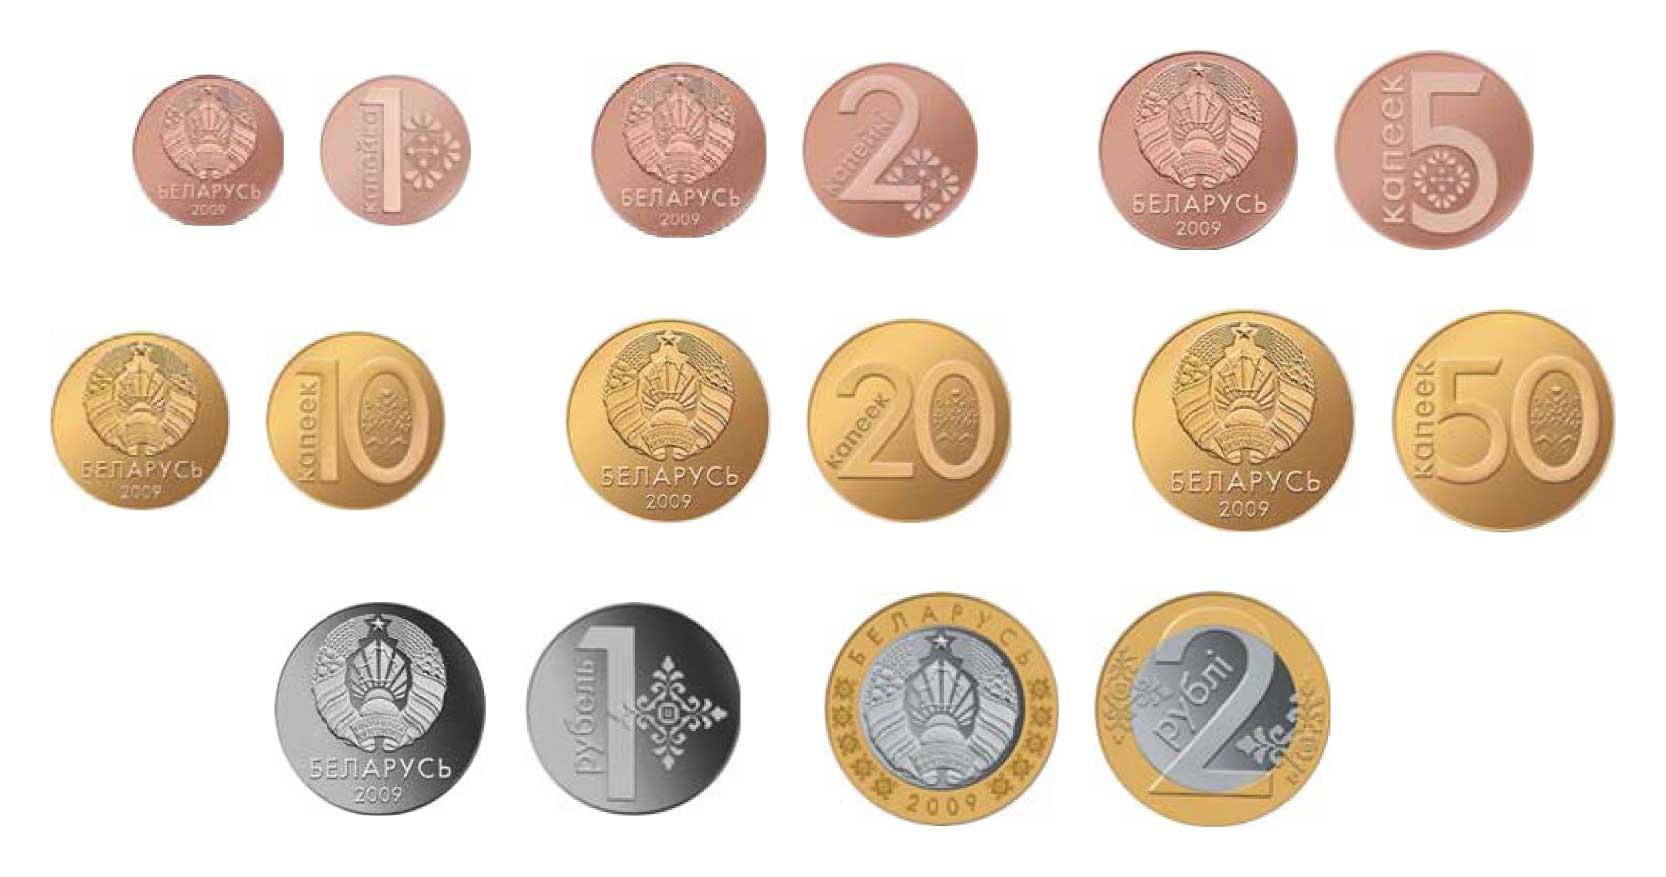 Белоруссия банкнота и монета выпуске 200 рублей бумажные 1993 года цена